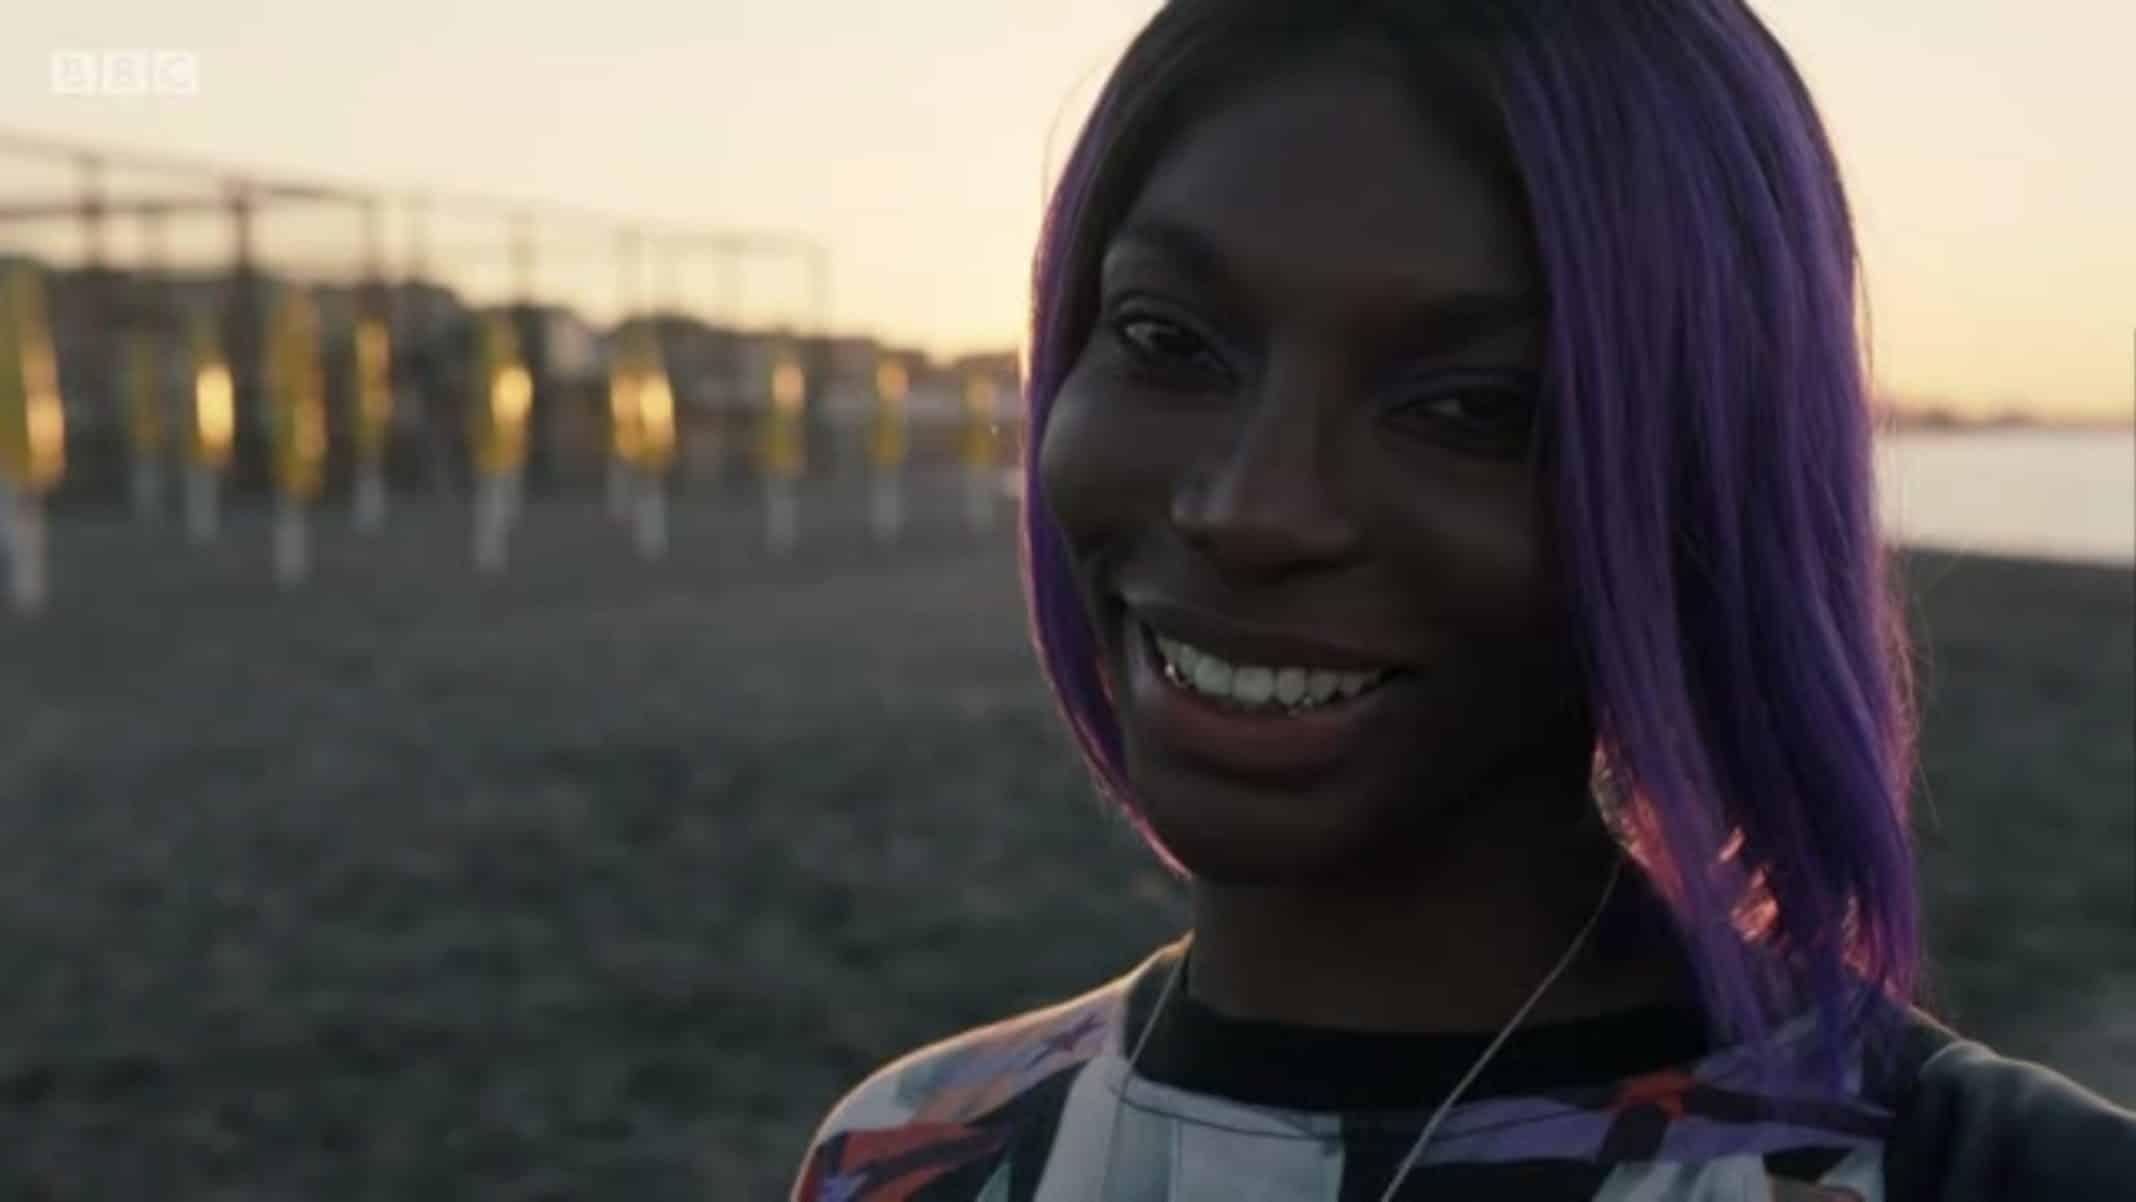 Arabella (Michaela Coel) smiling